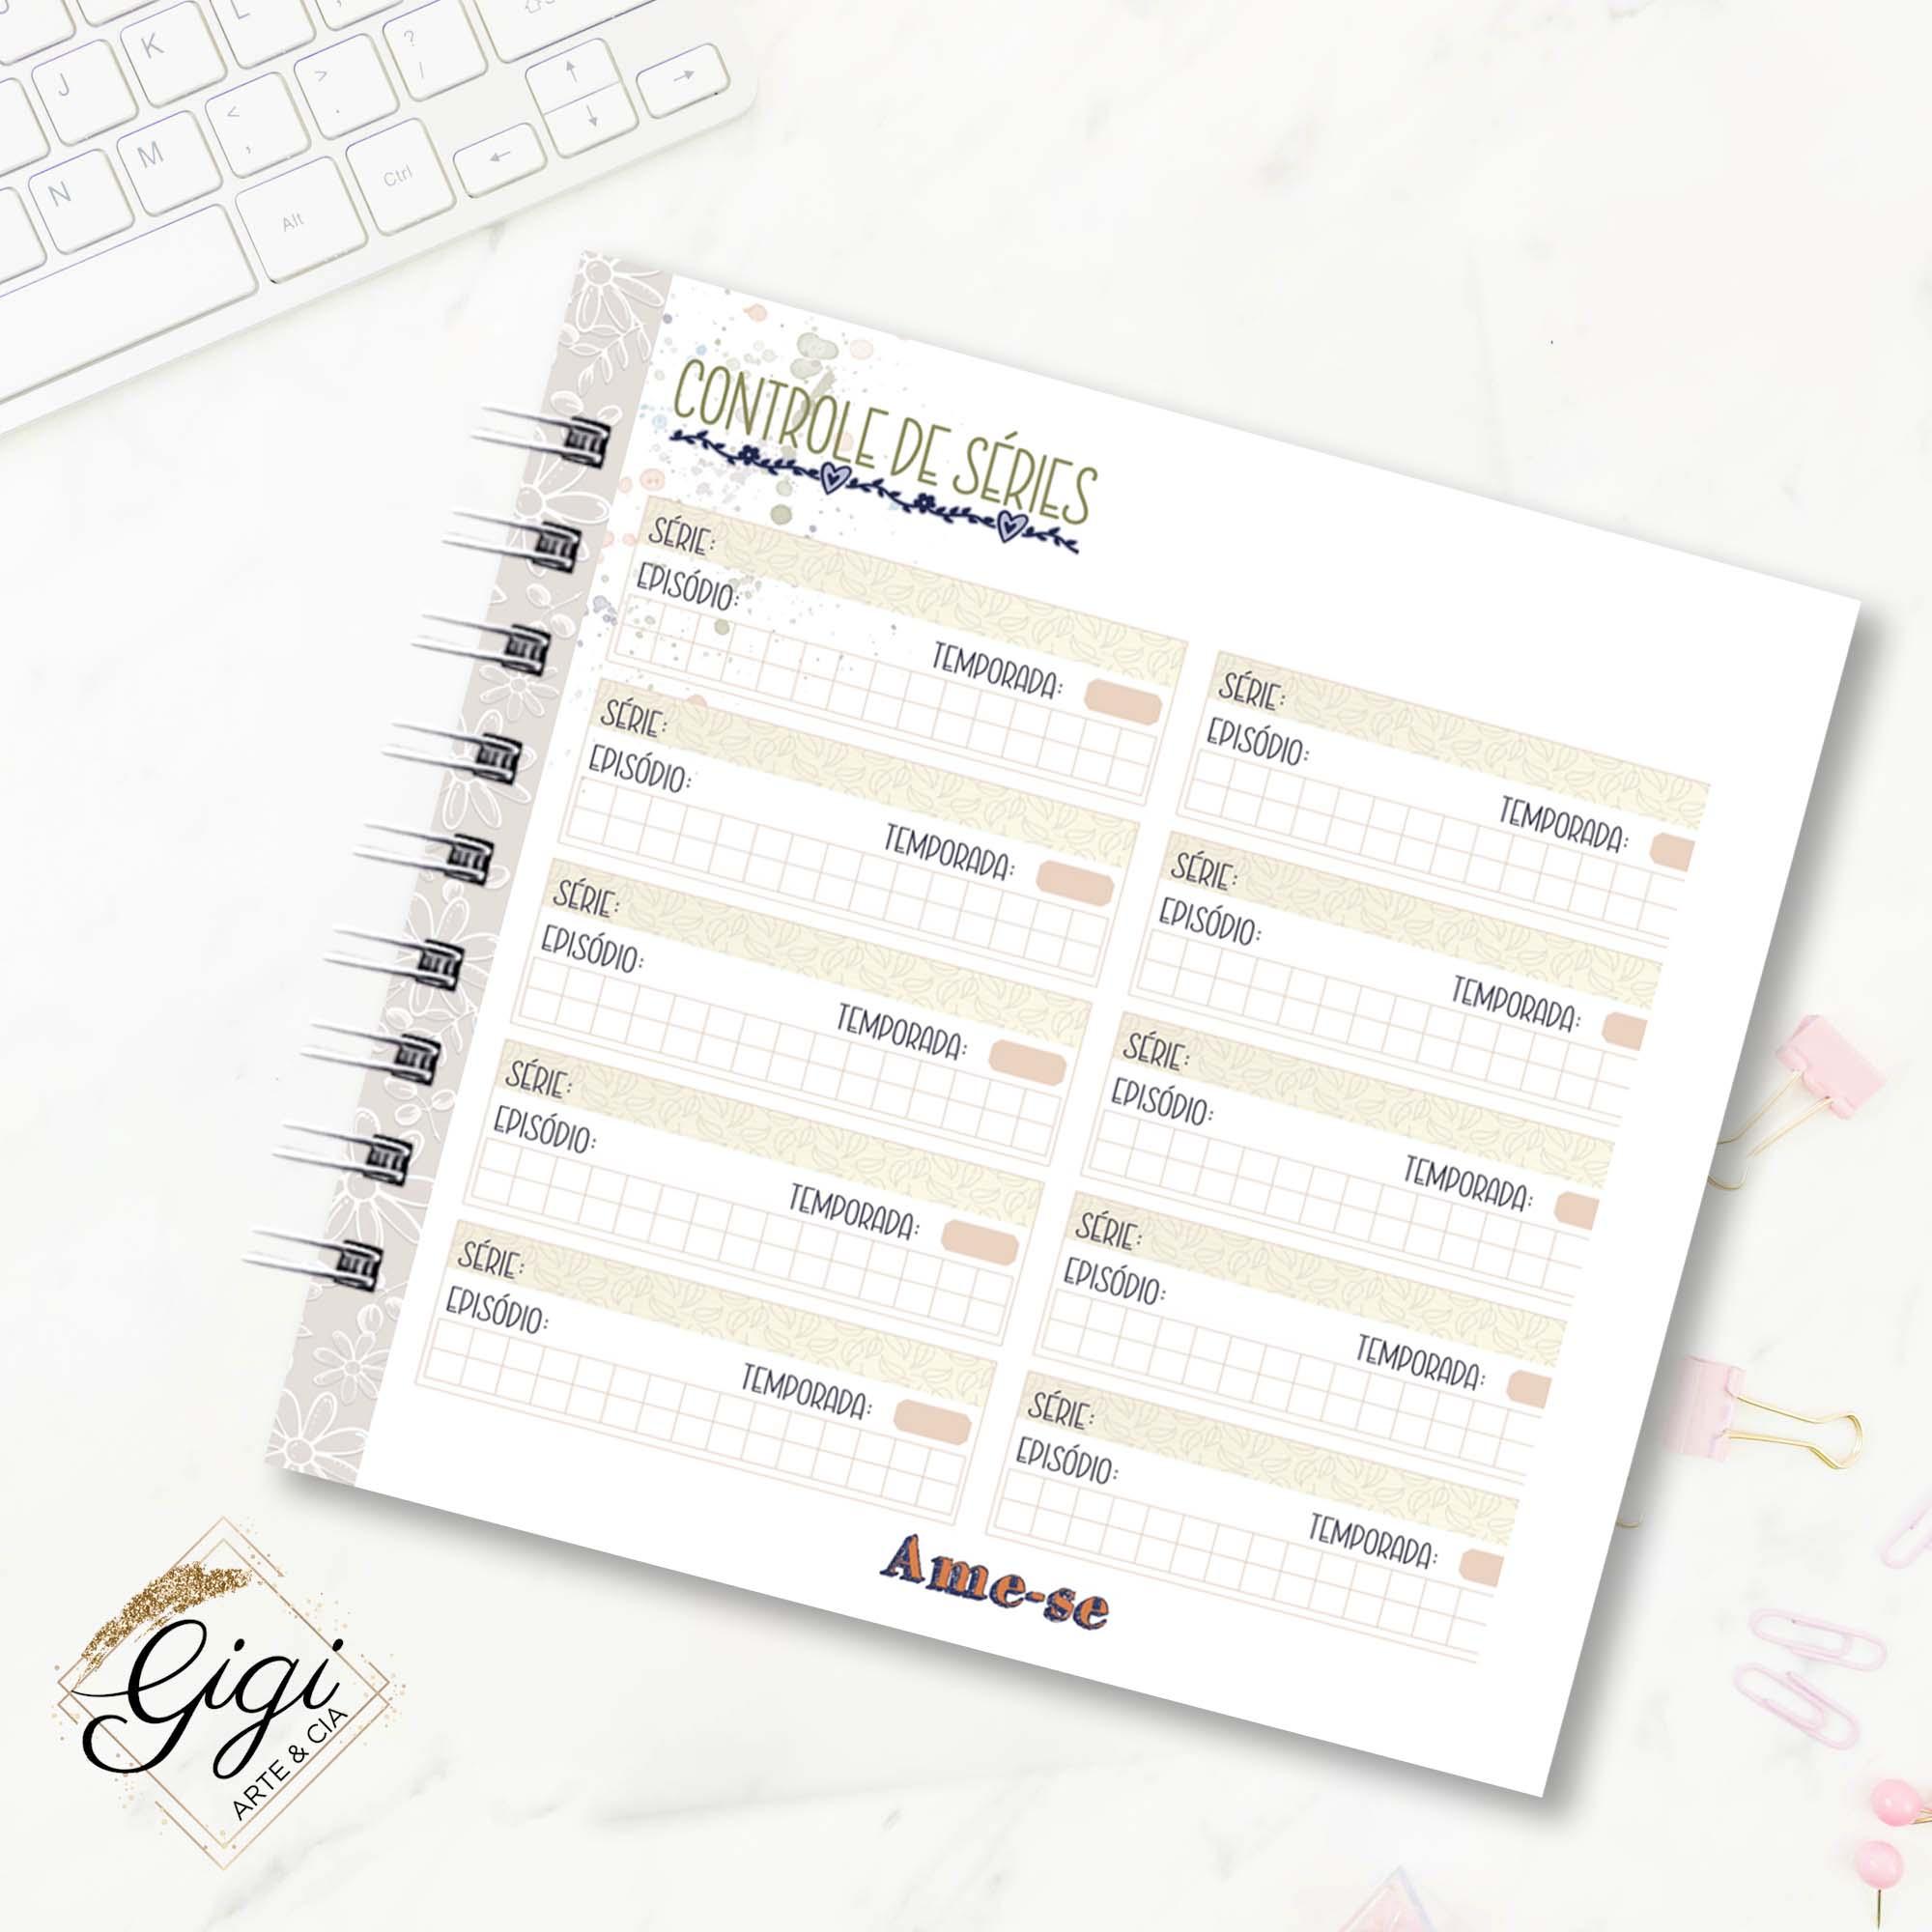 Planner - Ame-se  - Gigi Arte e Cia